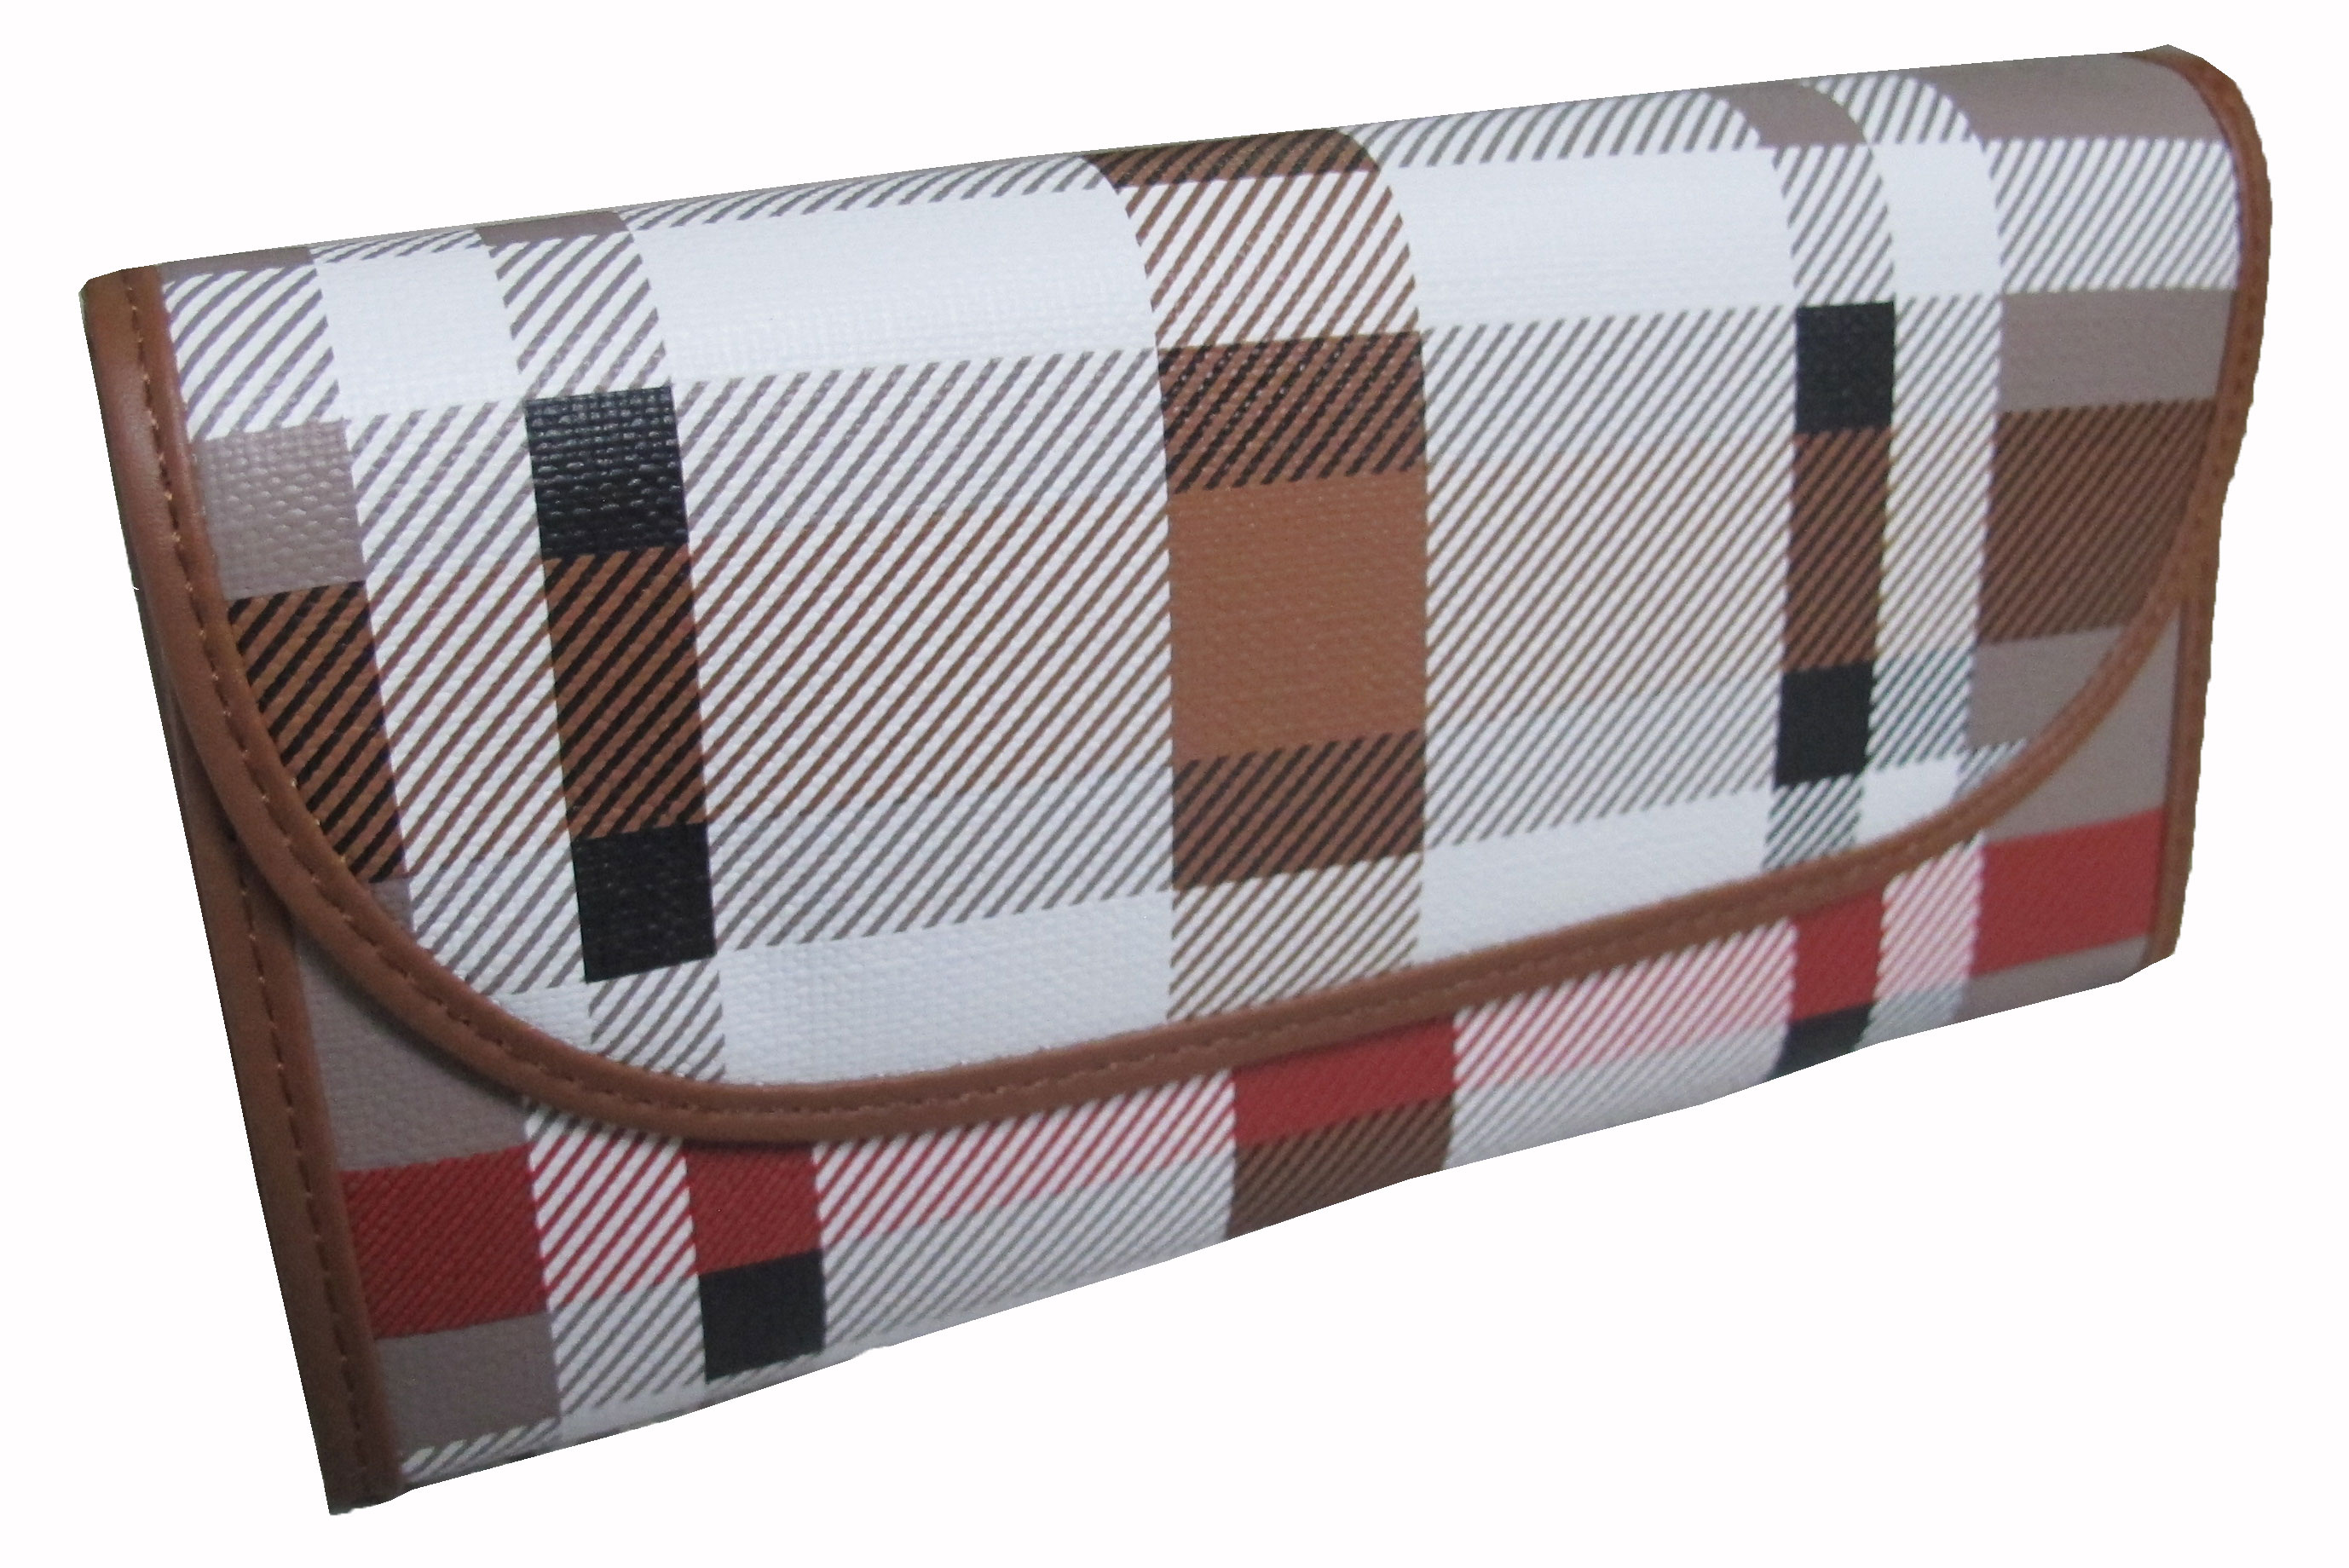 กระเป๋าสตางค์ ทรงยาวลายสก็อตเป็นแบบ 3 พับ สีสันสวยหรู